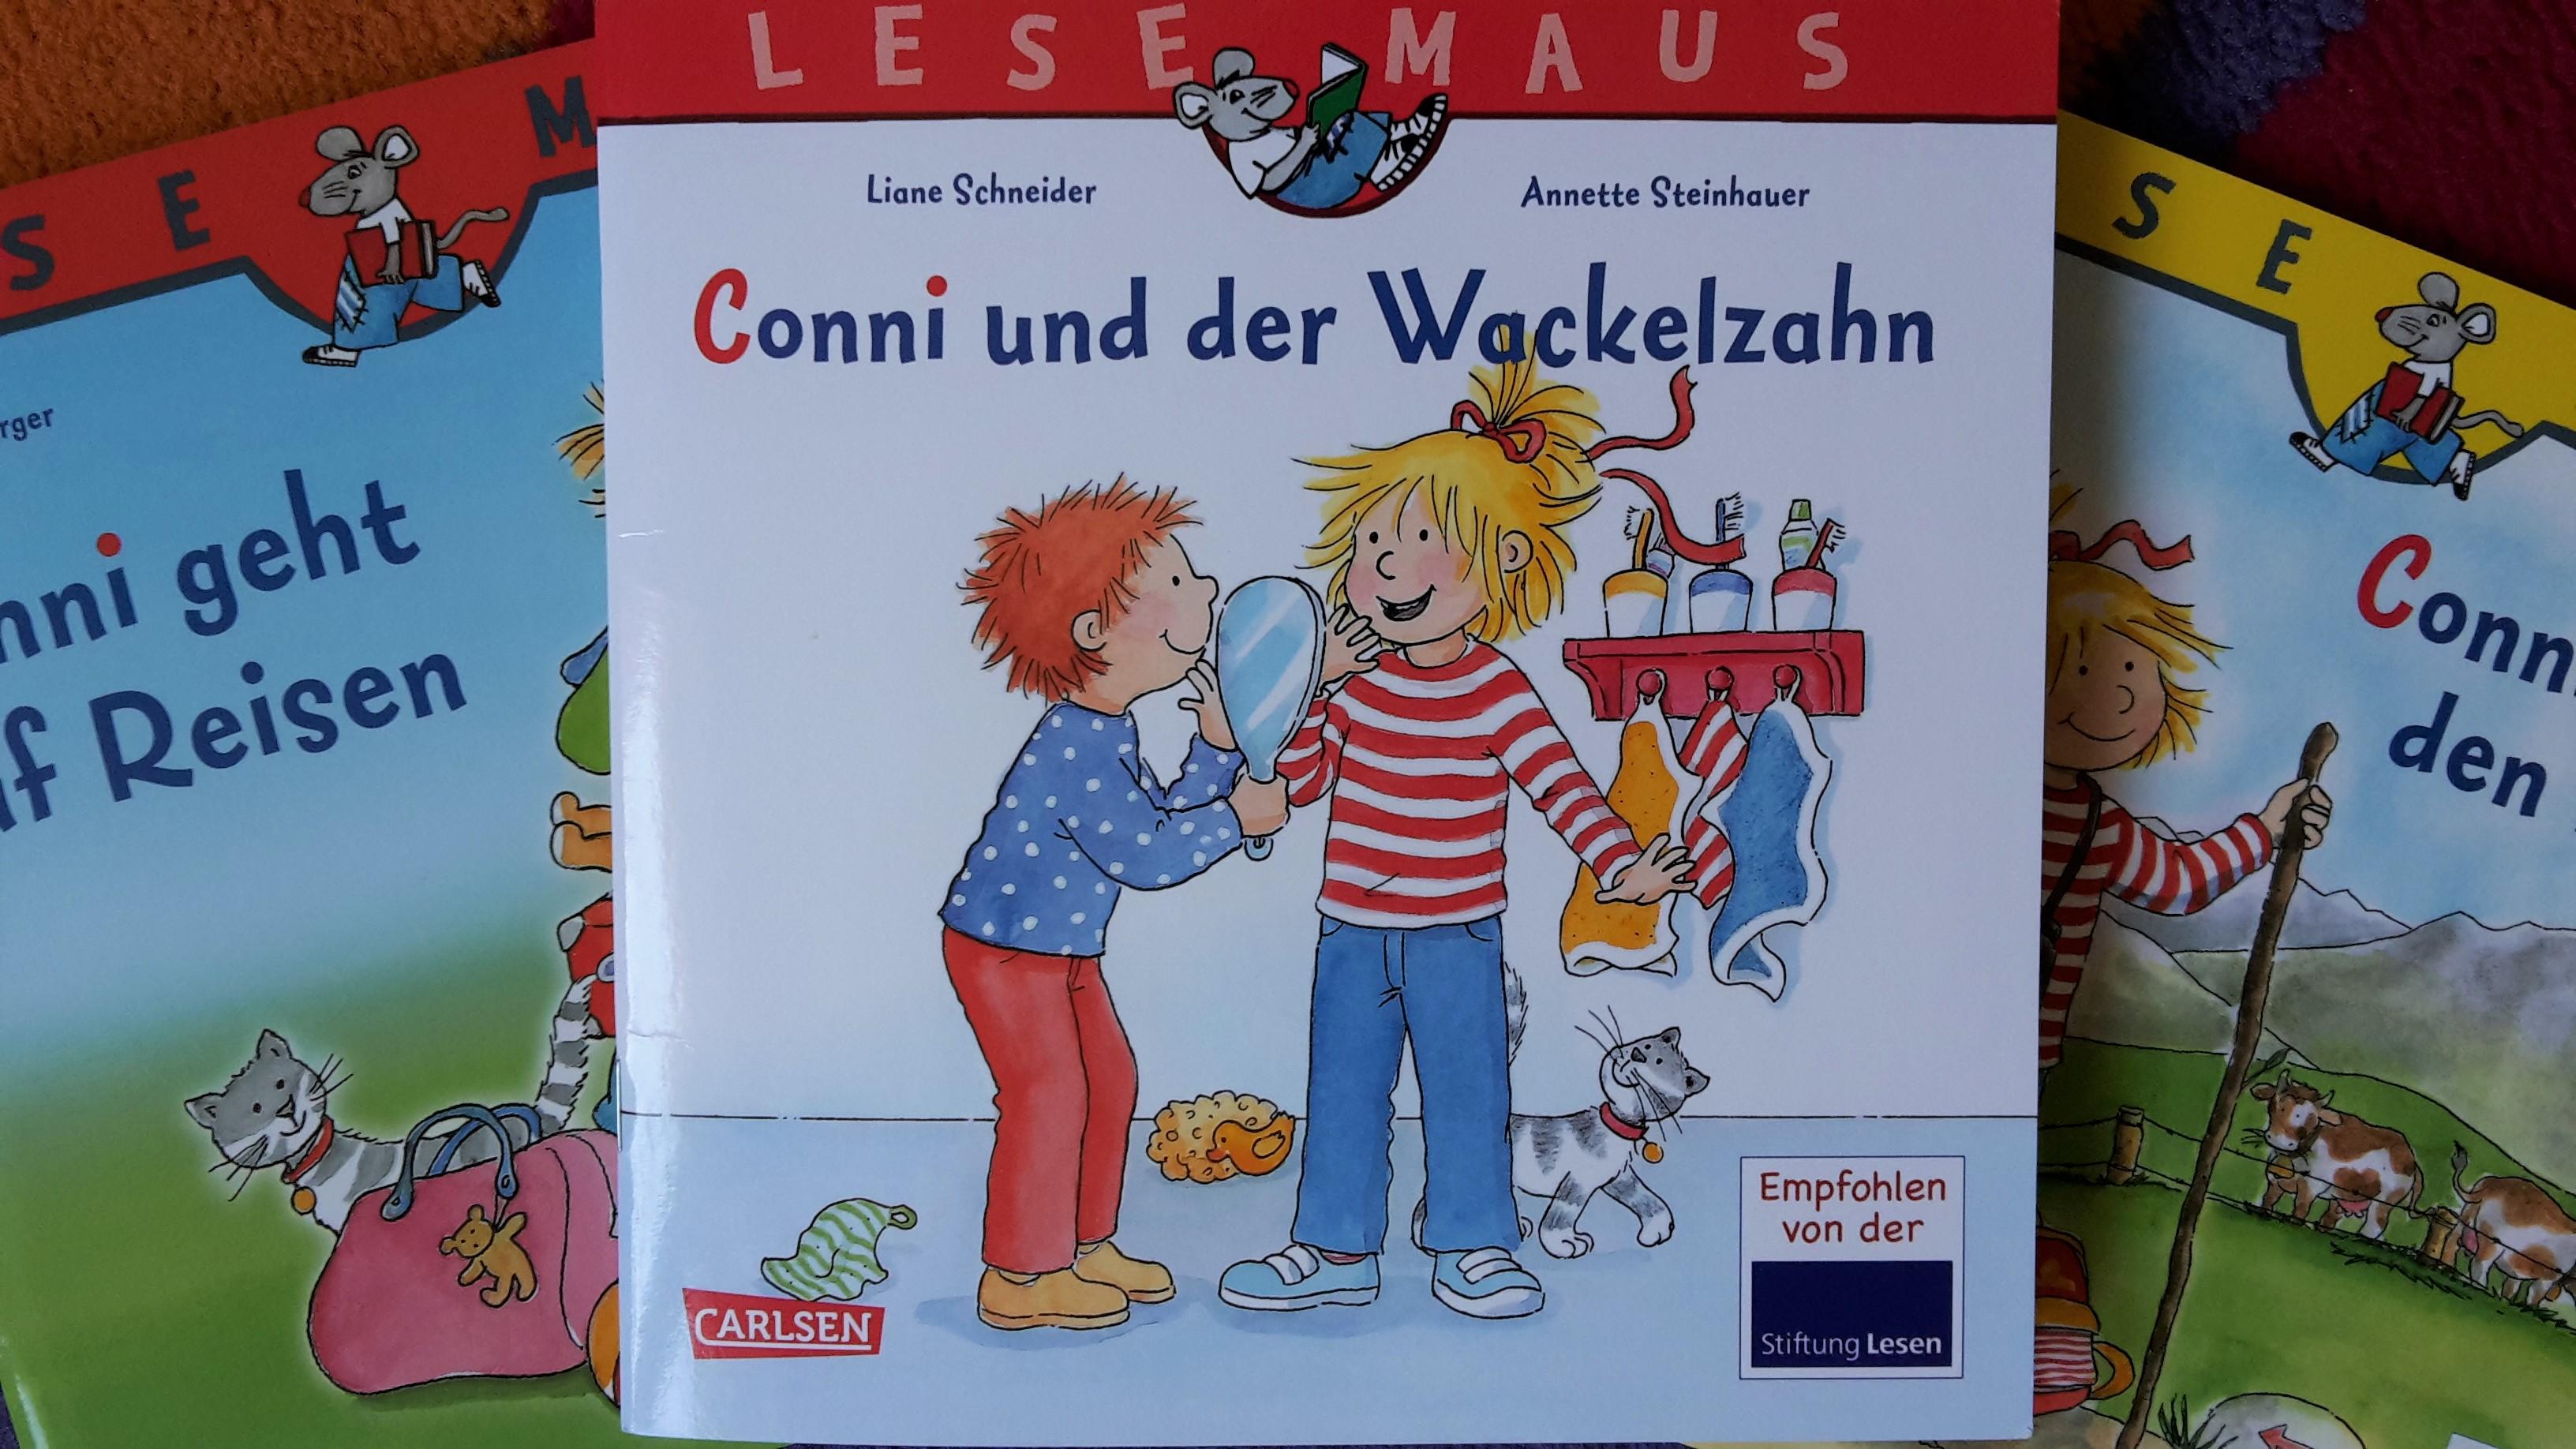 Conni und der Wackelzahn